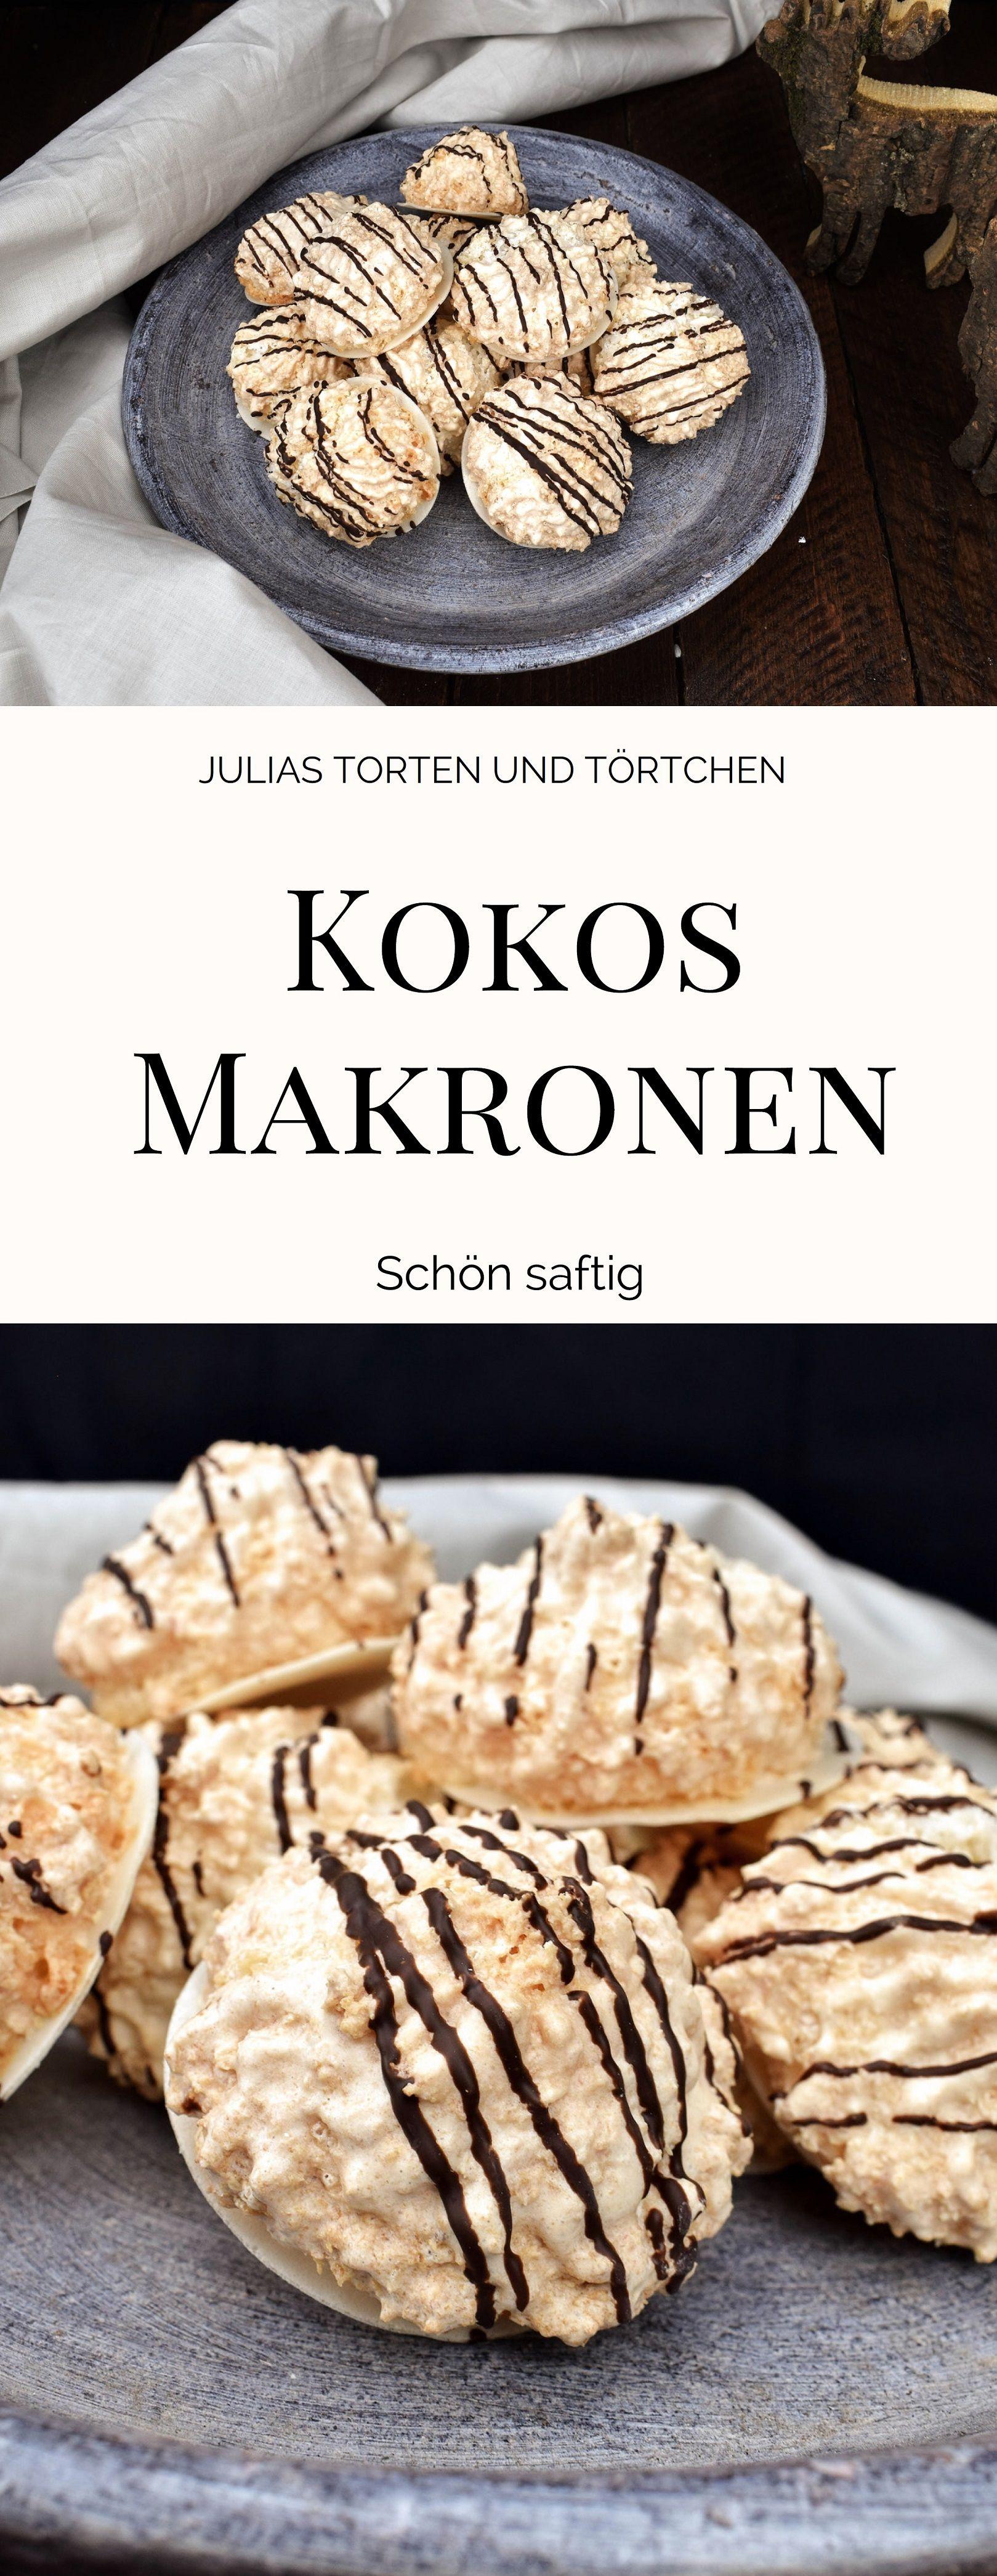 Weihnachtsplätzchen Kokosmakronen.Rezept Für Saftige Kokosmakronen Weihnachtsplätzchen Plätzchen